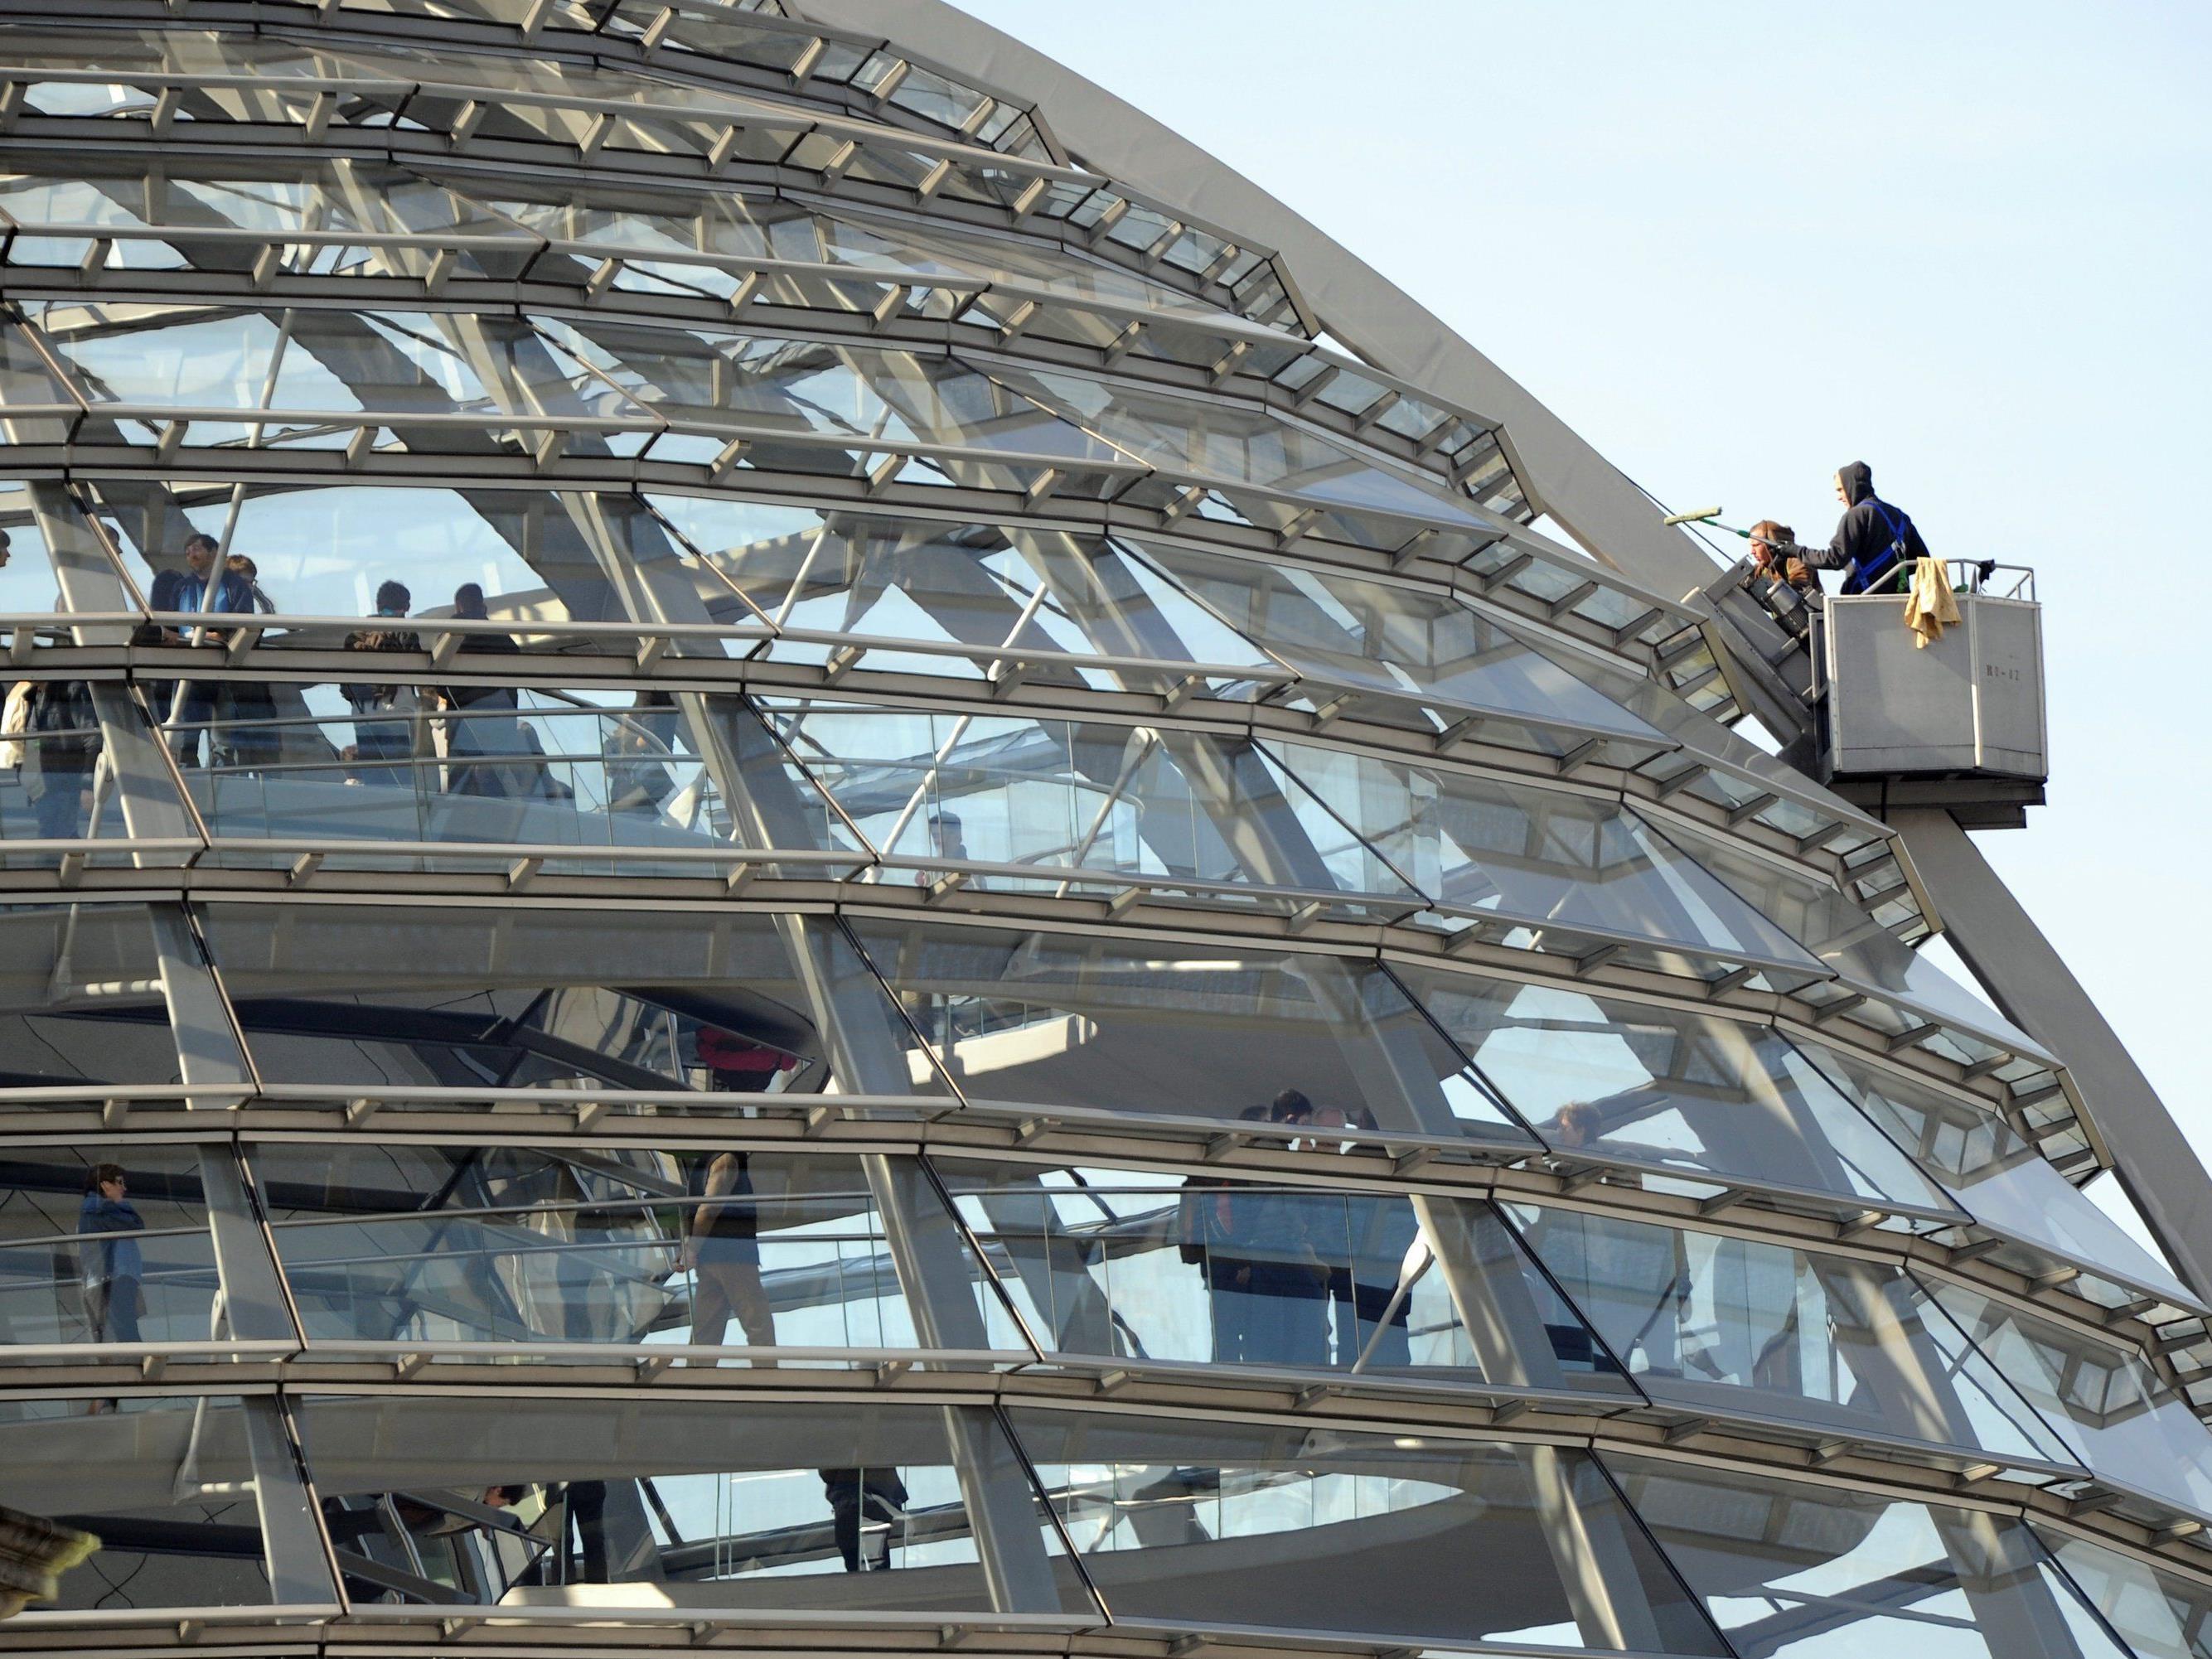 Tropische Temperauren herrschen in der Reichstagskuppel